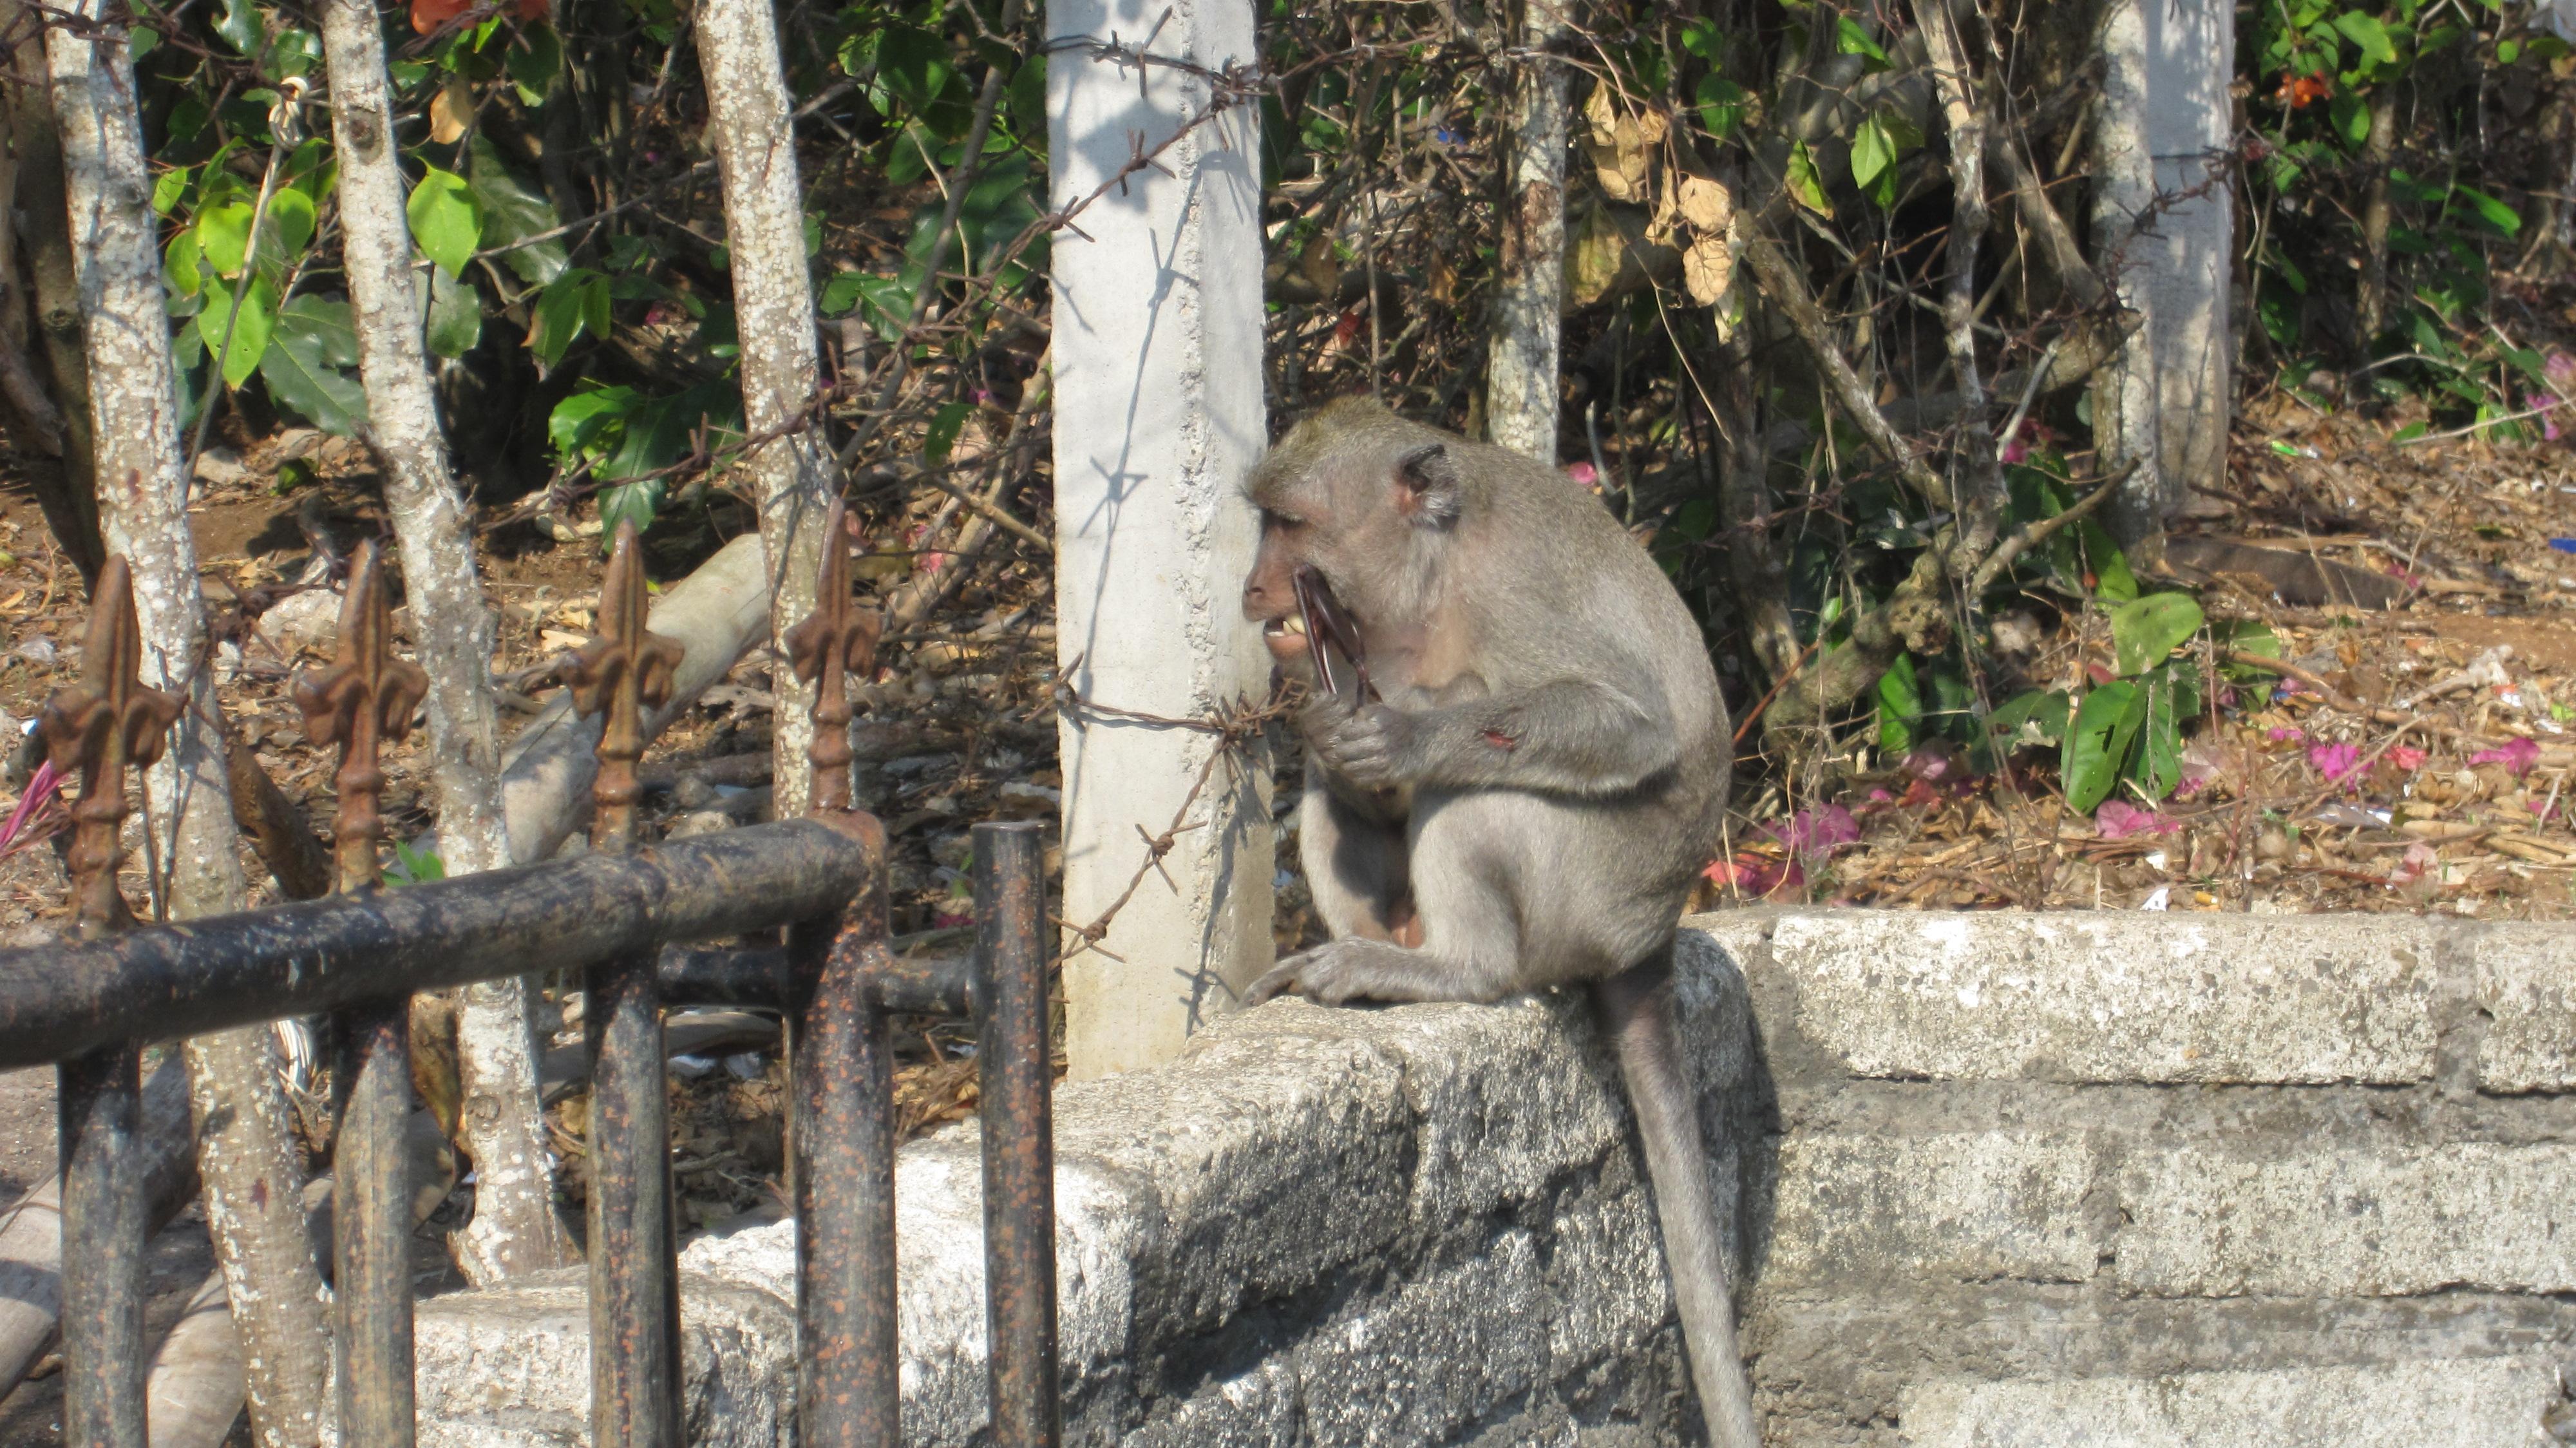 Da hatte jemand nicht sich die Warnungen durch gelessen *lol*. Der Affe hatte die Frau von hinten angesprungen und die Brille geklaut!